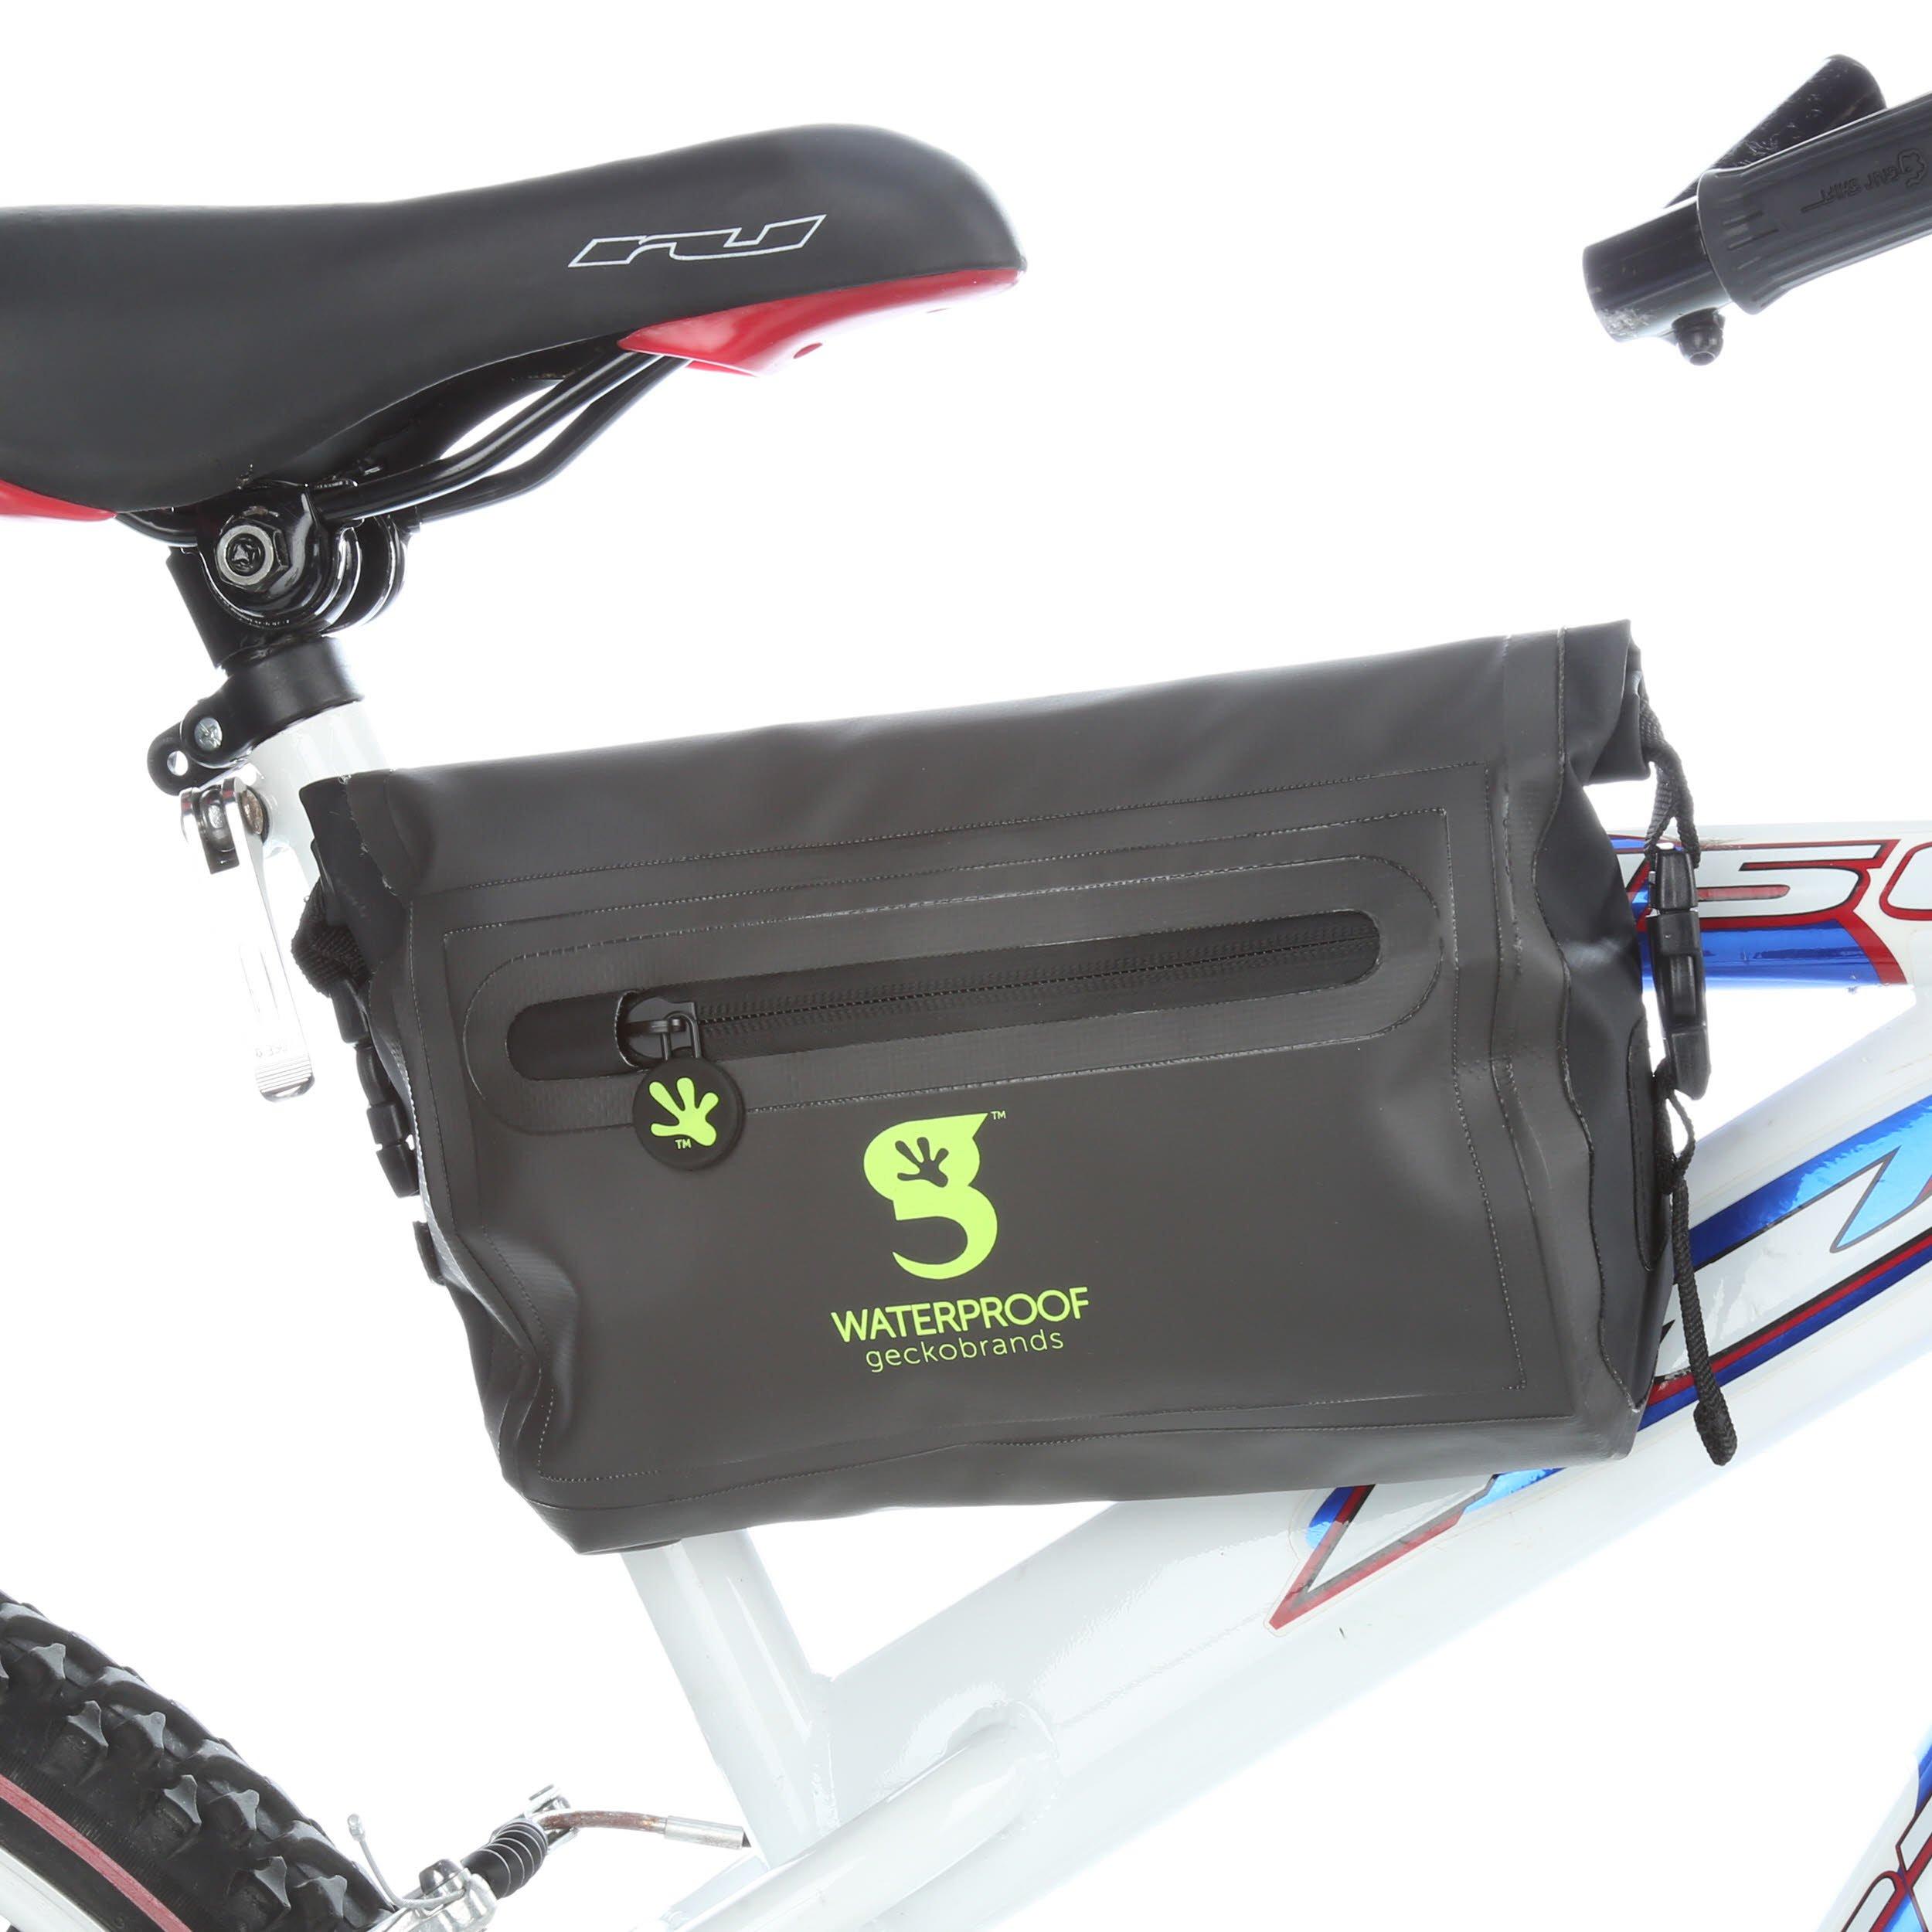 geckobrands Waterproof Bike Cross Bar Dry Bag